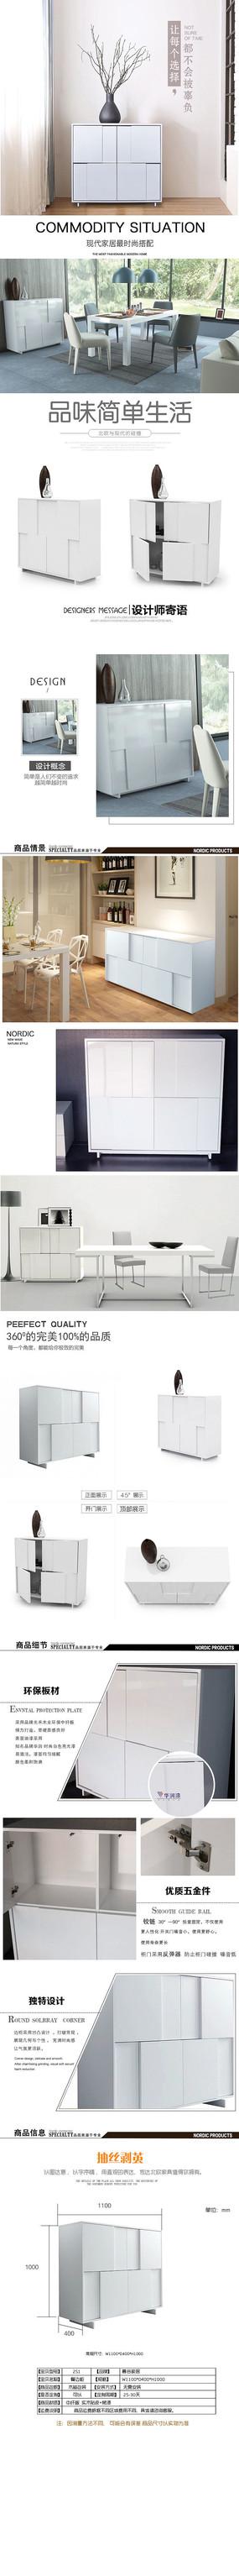 白色凹凸餐边柜家具定制边柜详情